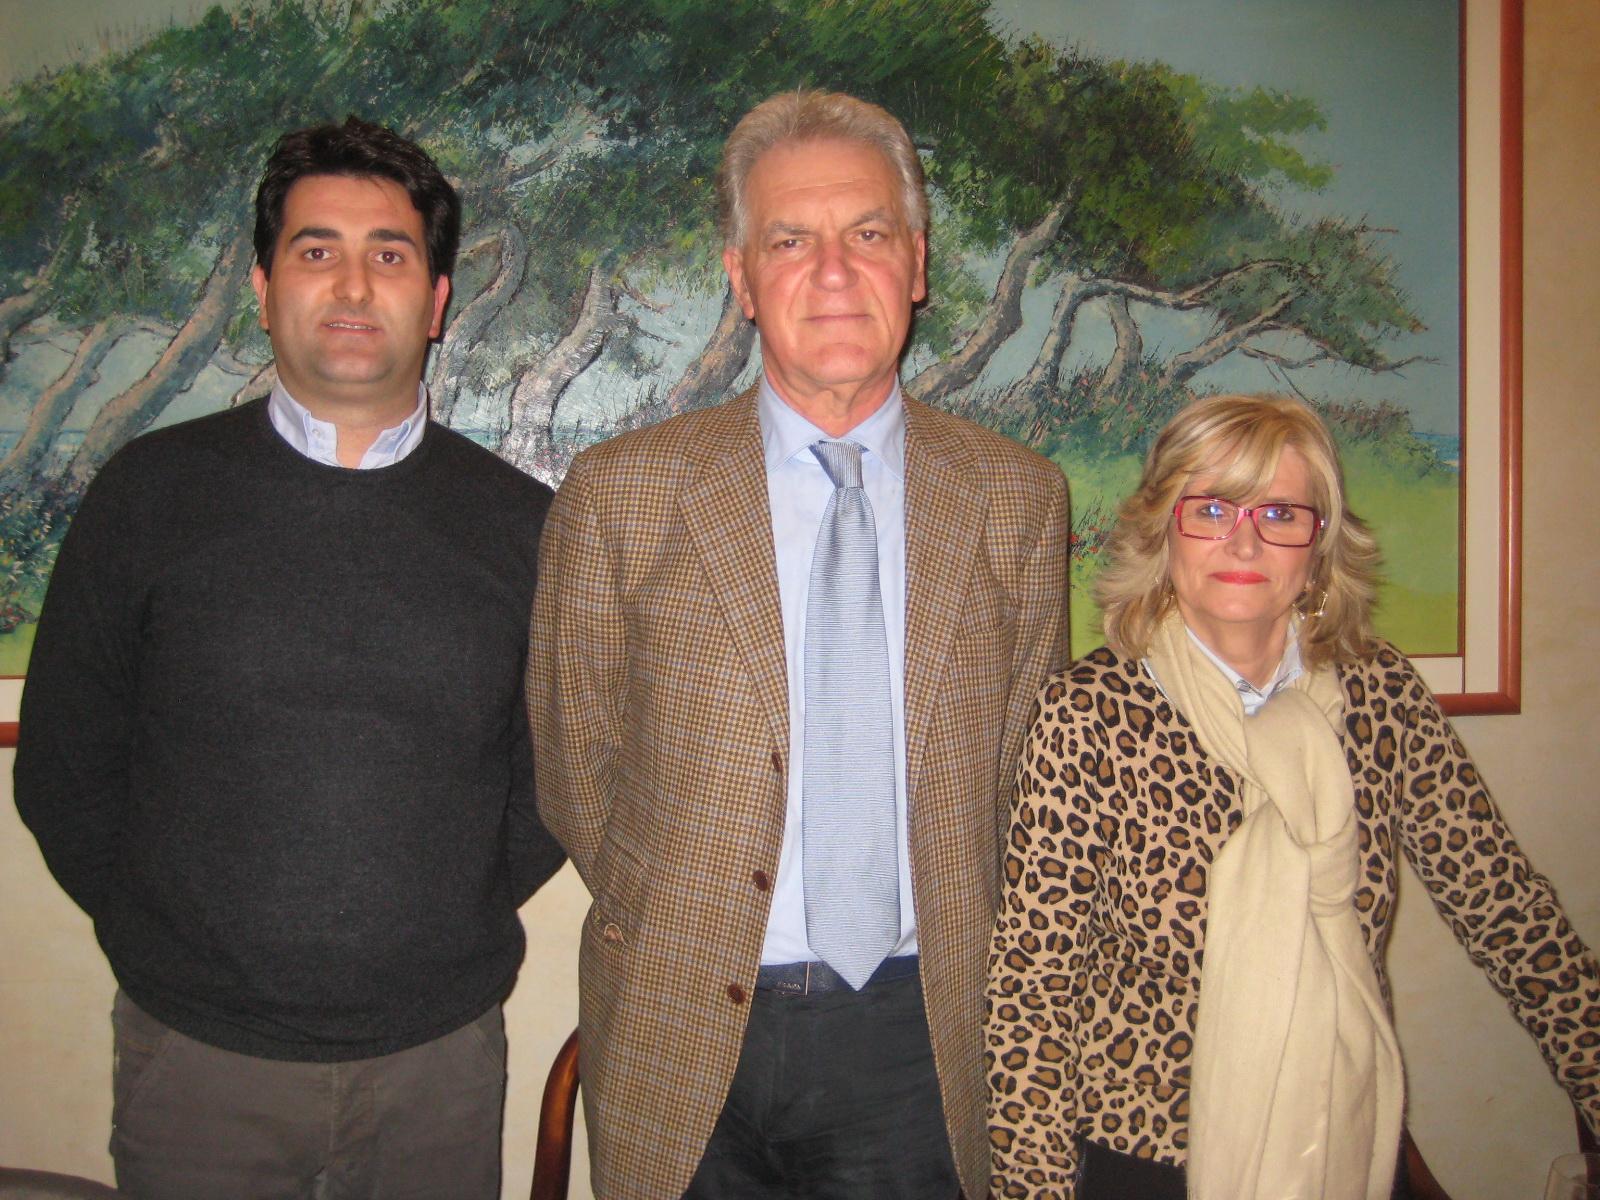 Il sindaco Stracci, Il Presidente della Provincia Celani e la Presidente Gabriella Sciarra